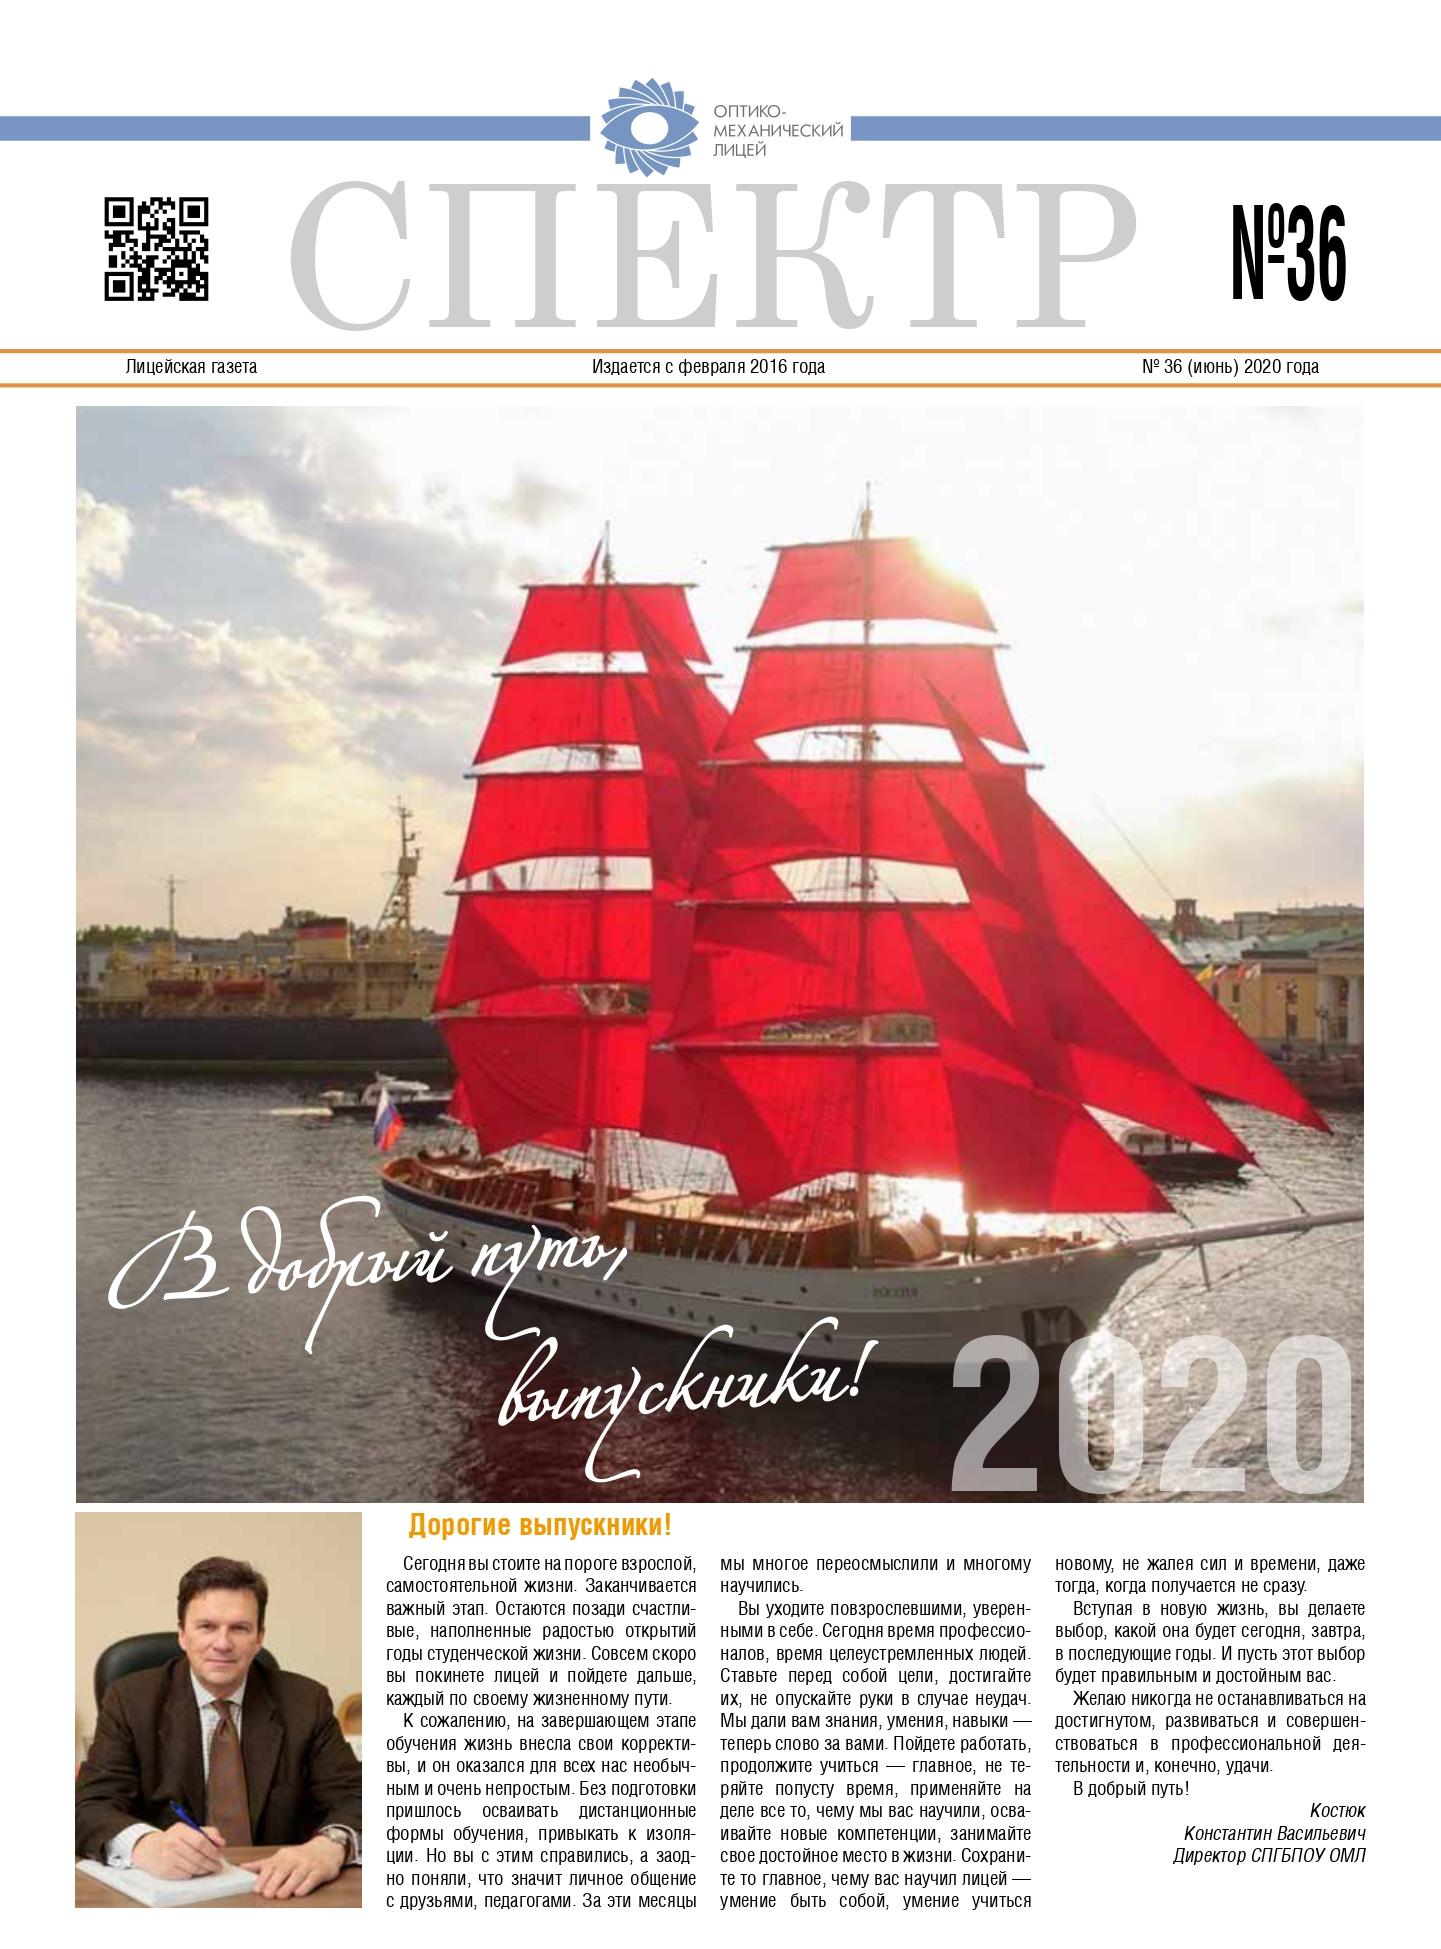 Газета Спектр — выпуск 36 (июнь 2020)